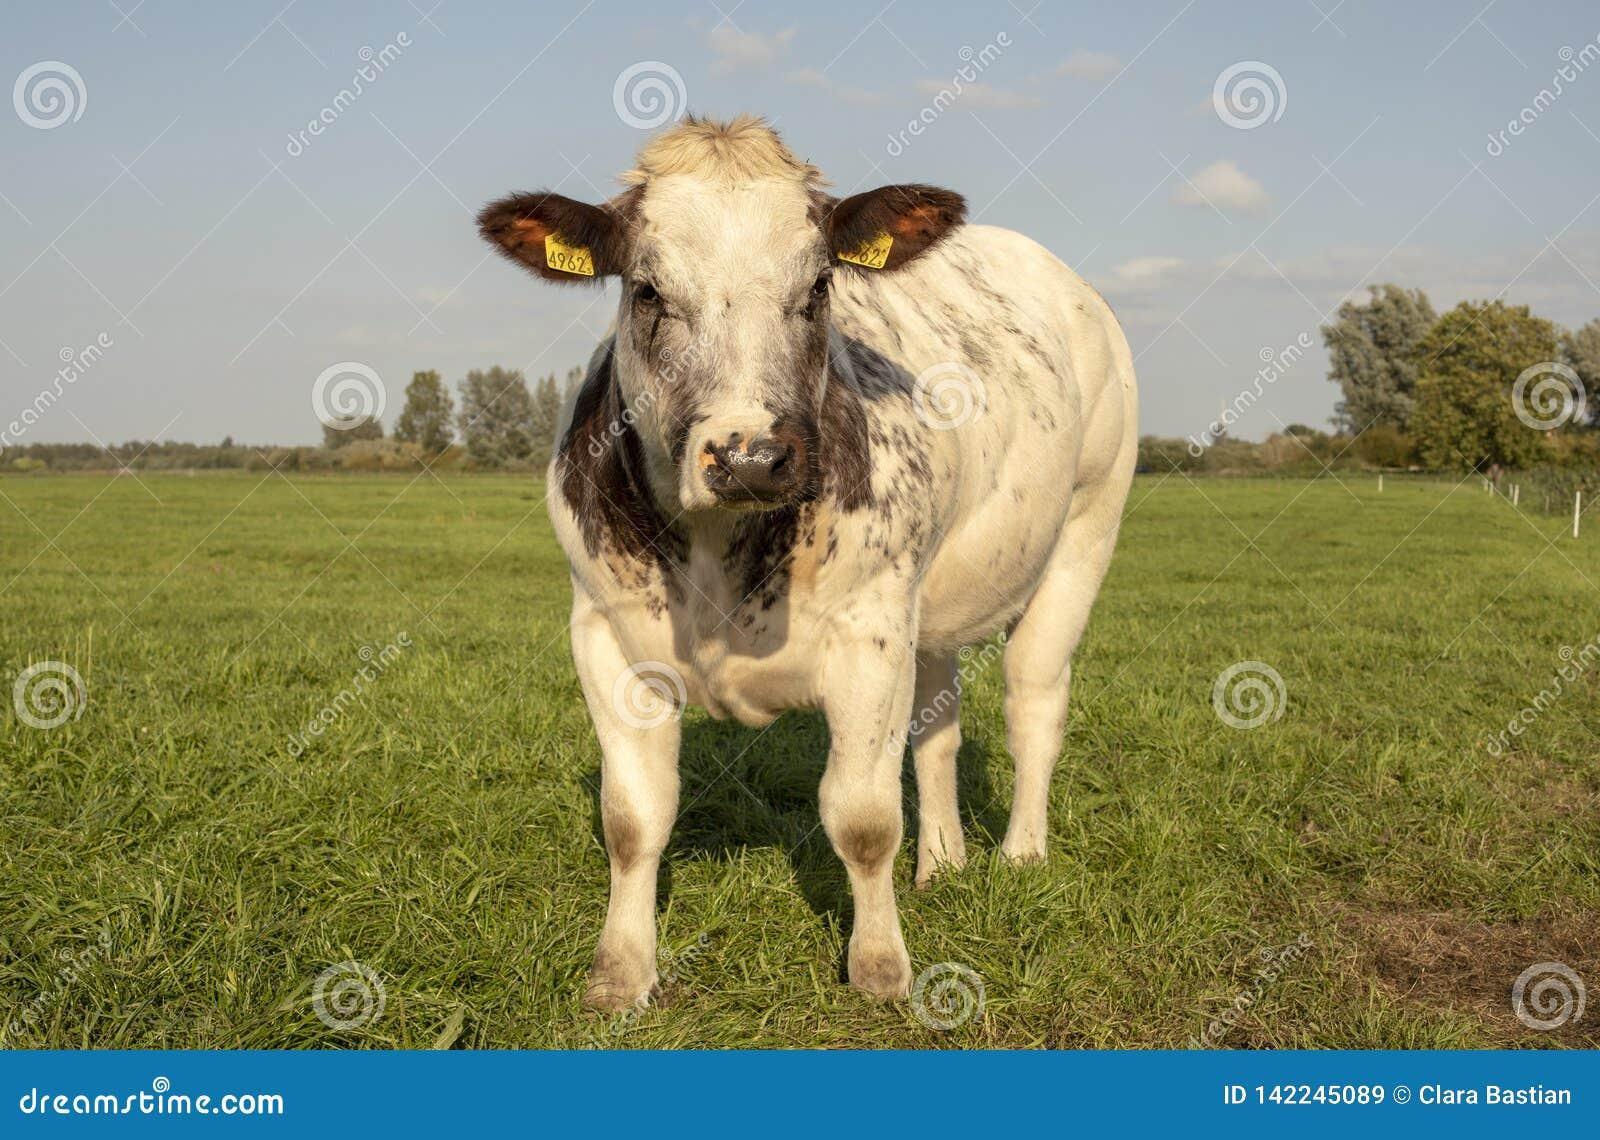 Mottled покрыло, dapples, кормить травой корова говядины с белыми челками и черные уши, стоят в луге под голубым небом